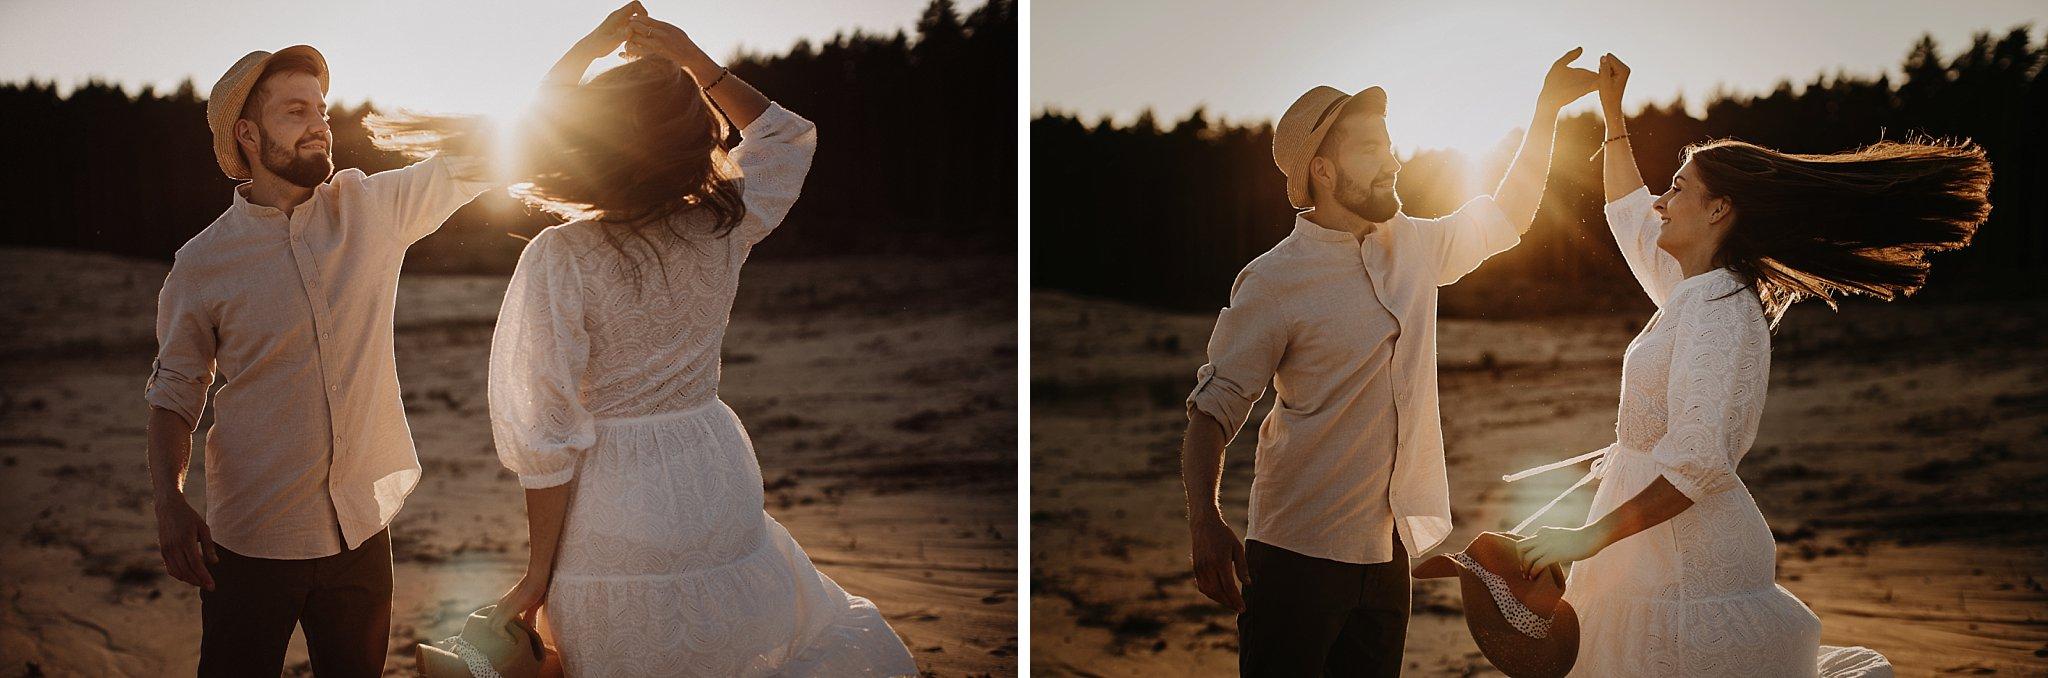 piekna sesja narzeczenska rustykalna romantyczna sesja na pustyni sesja zdjeciowa poznan krugphotography fotograf slubny z poznania fotografia slubna poznan 9600